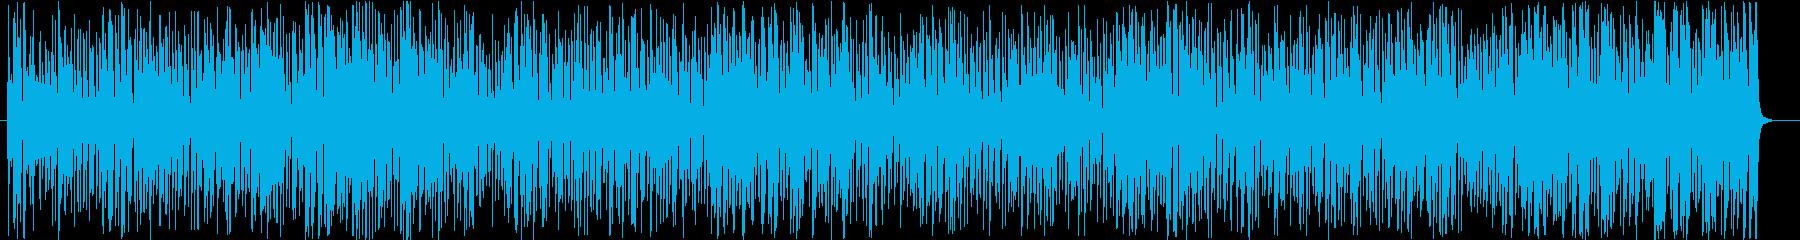 コミカルなチェイスシーンのジプシージャズの再生済みの波形